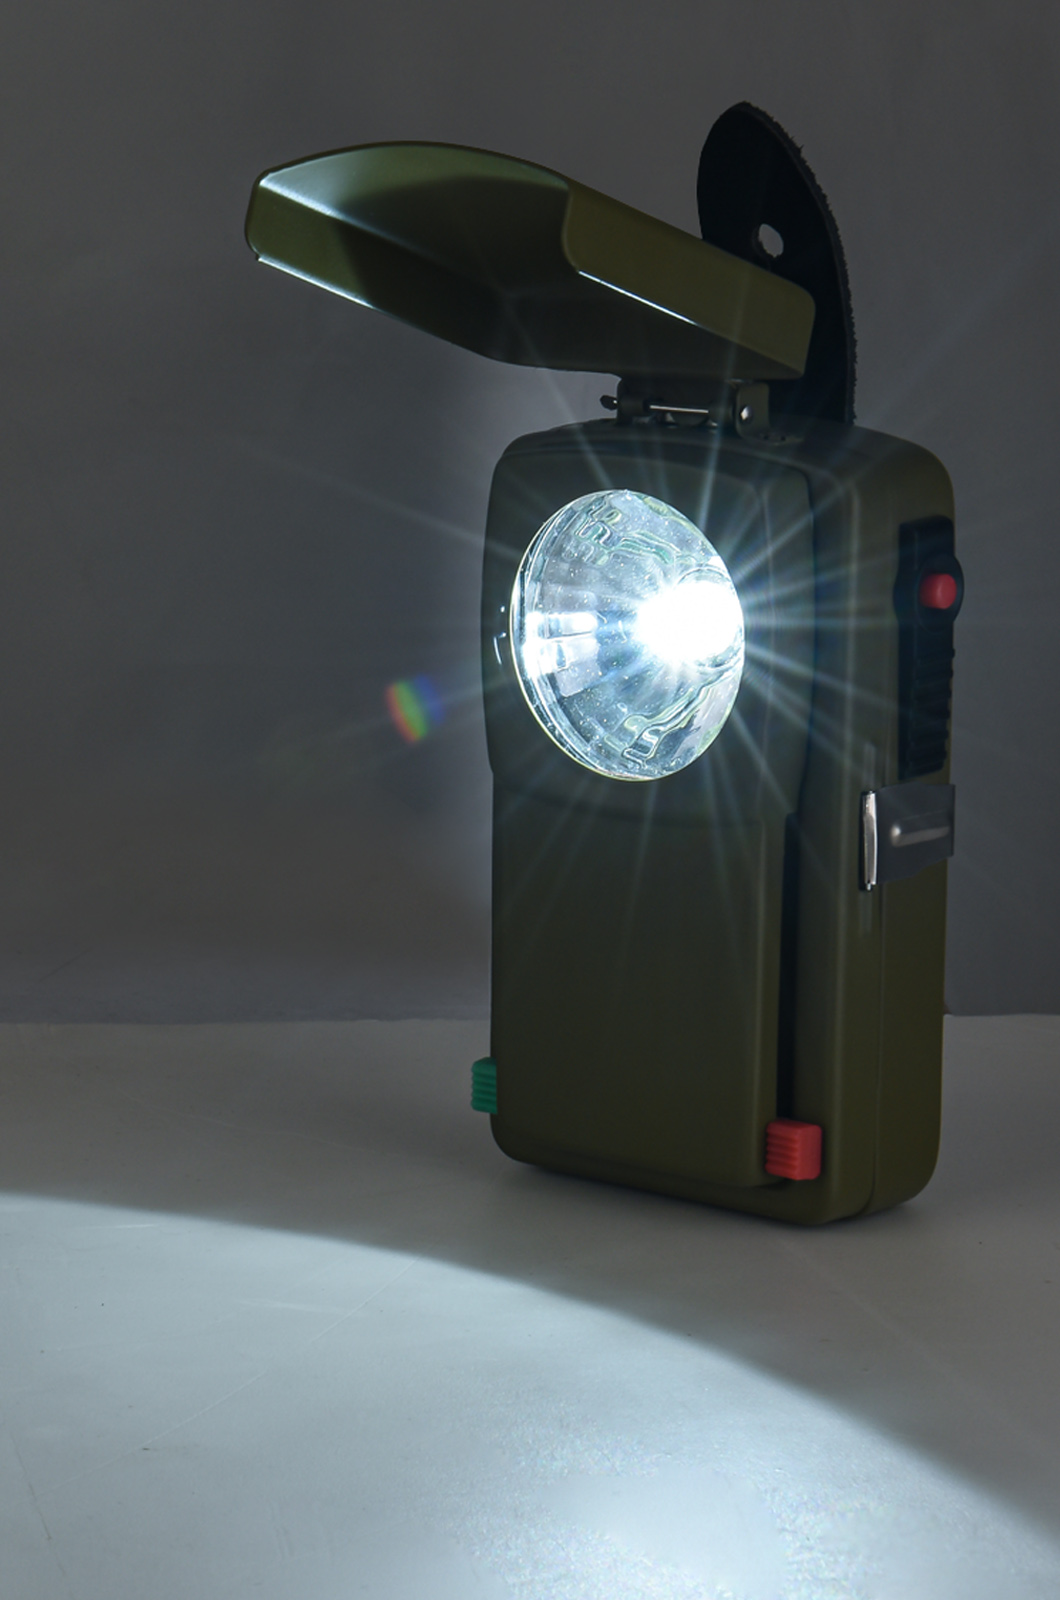 Классический армейский сигнальный фонарь со светофильтрами